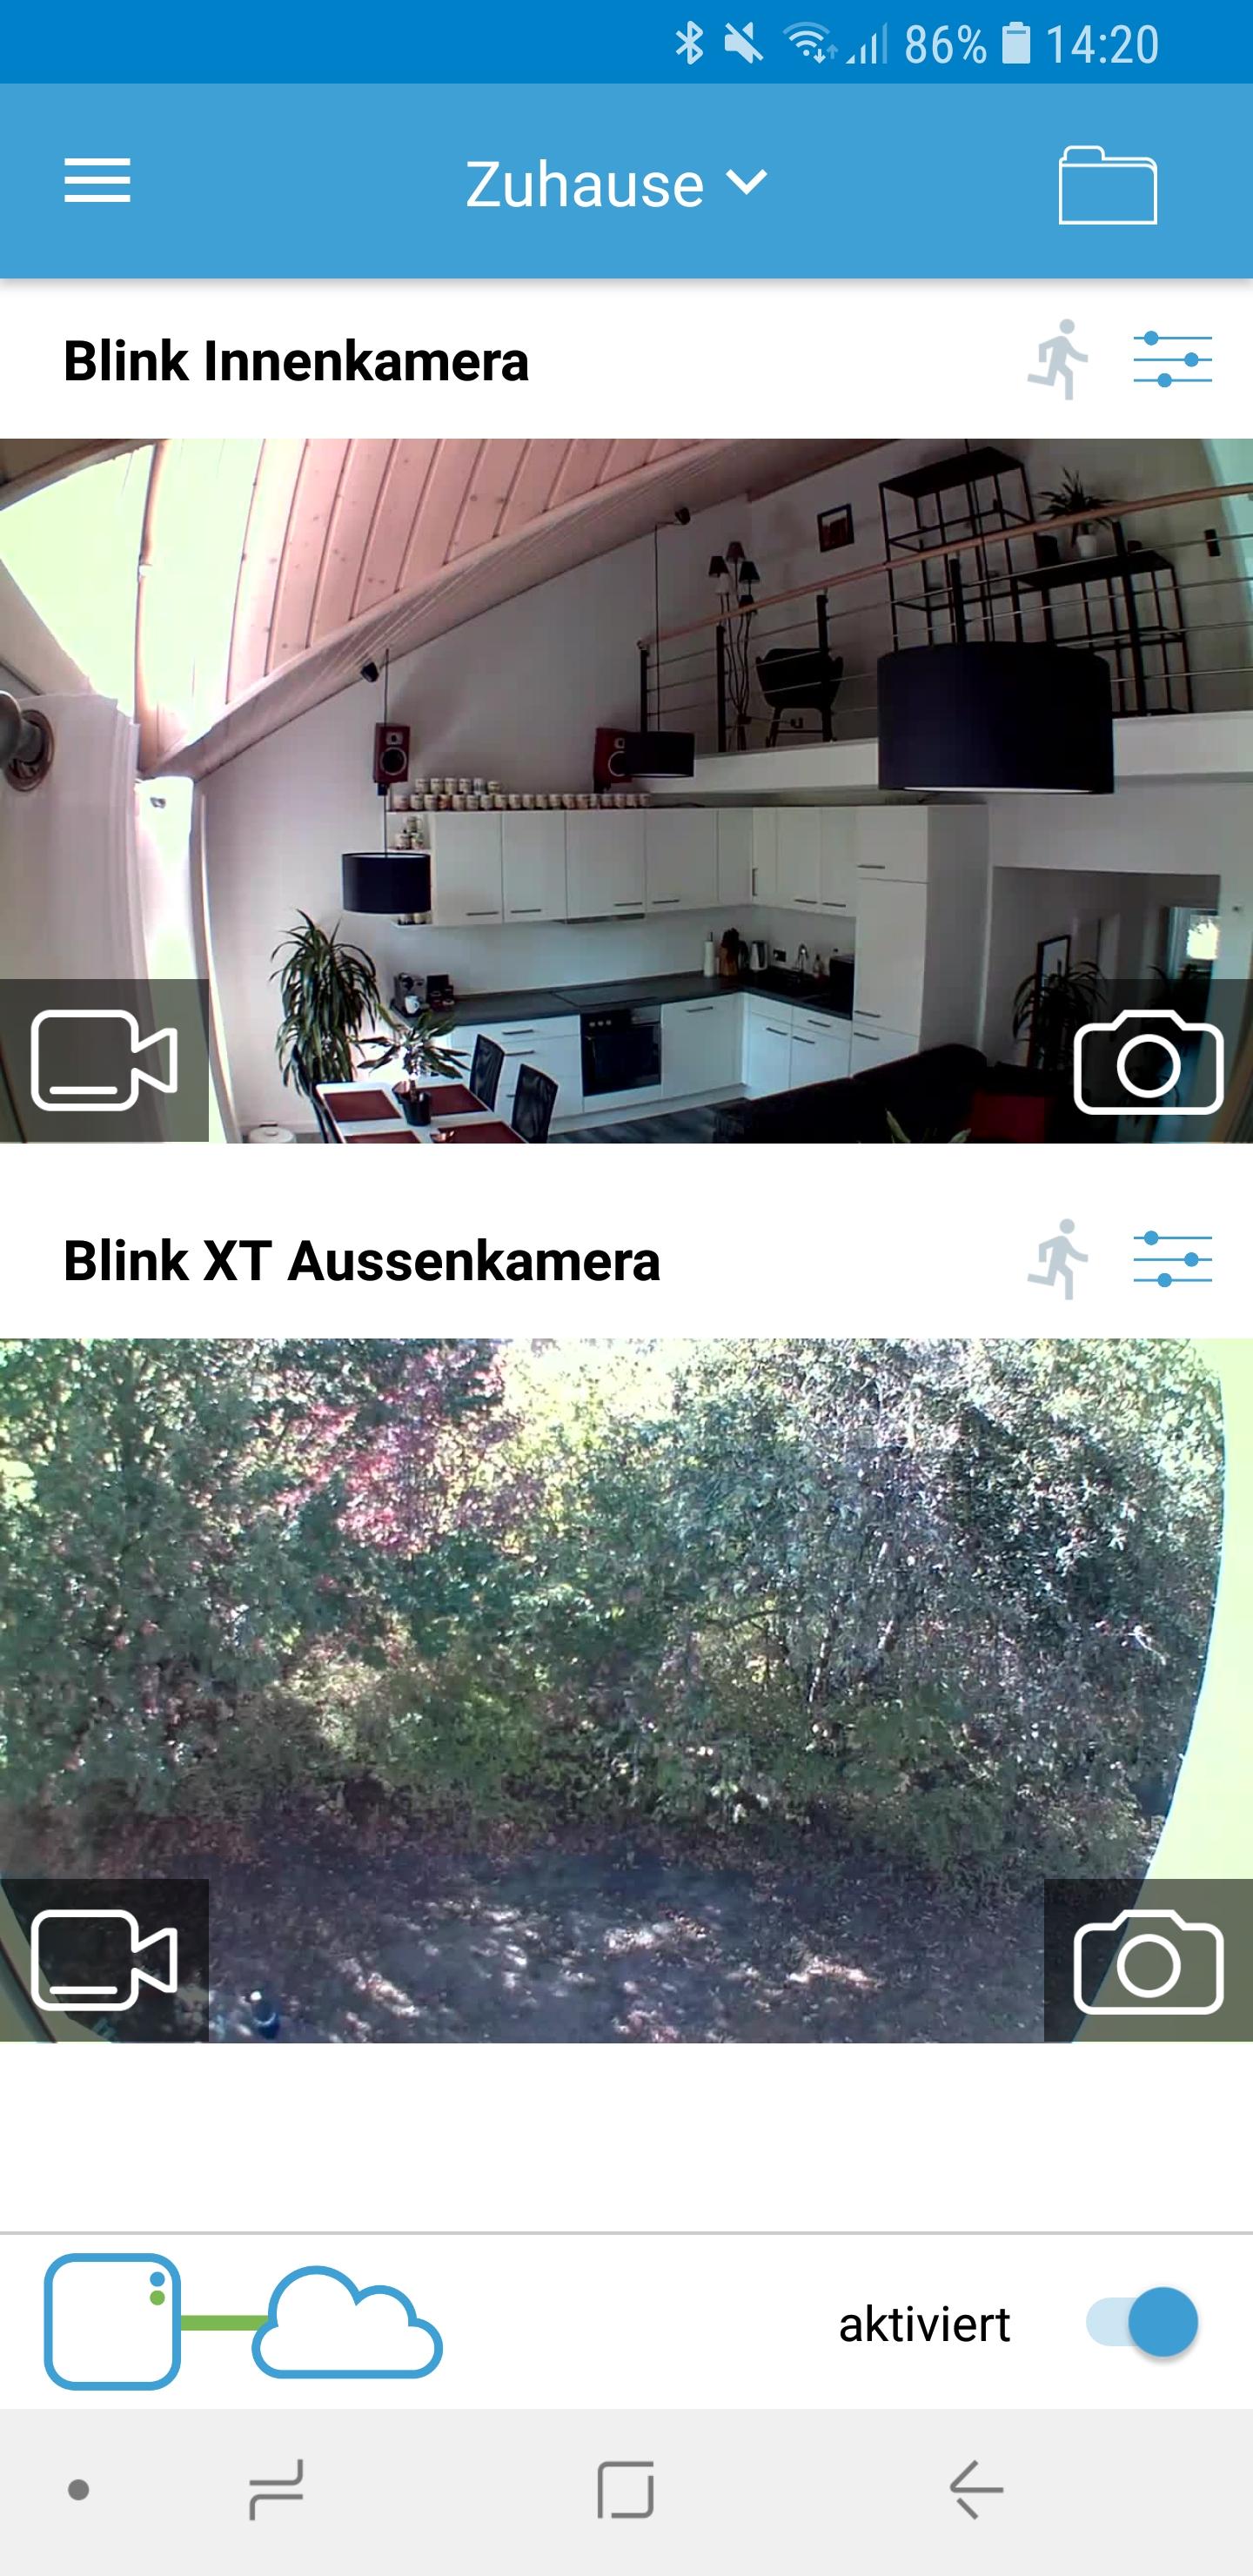 Blink XT App 07